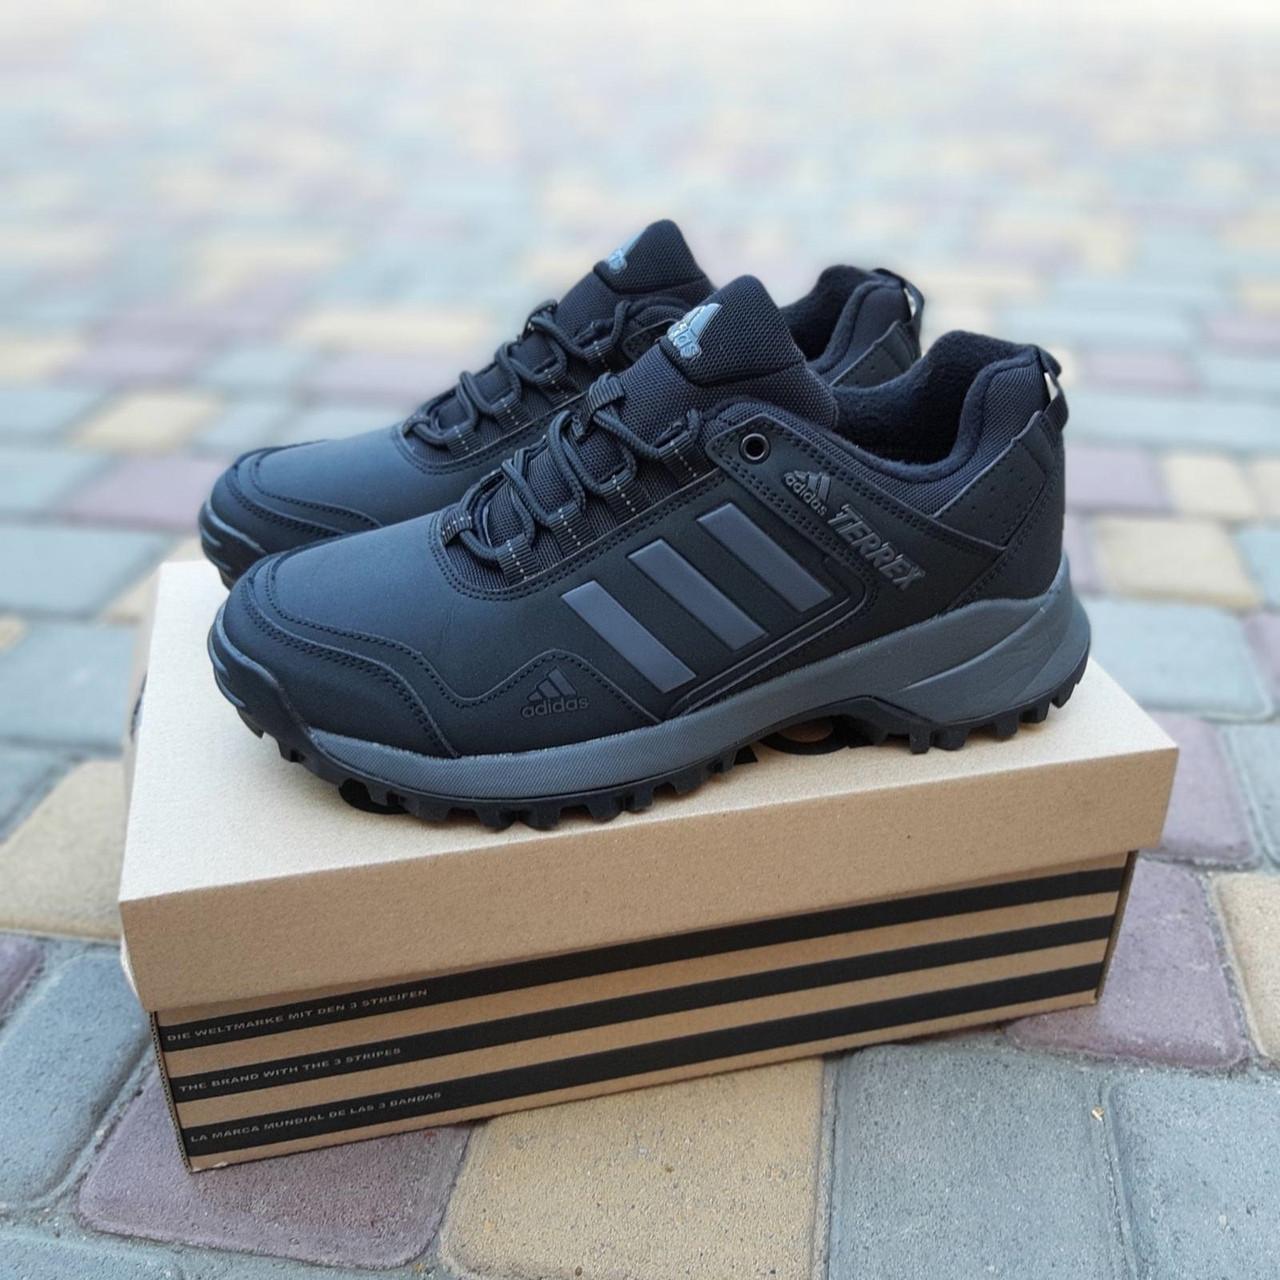 Чоловічі зимові кросівки Adidas Terrex (чорно-сірі) Термо 3515